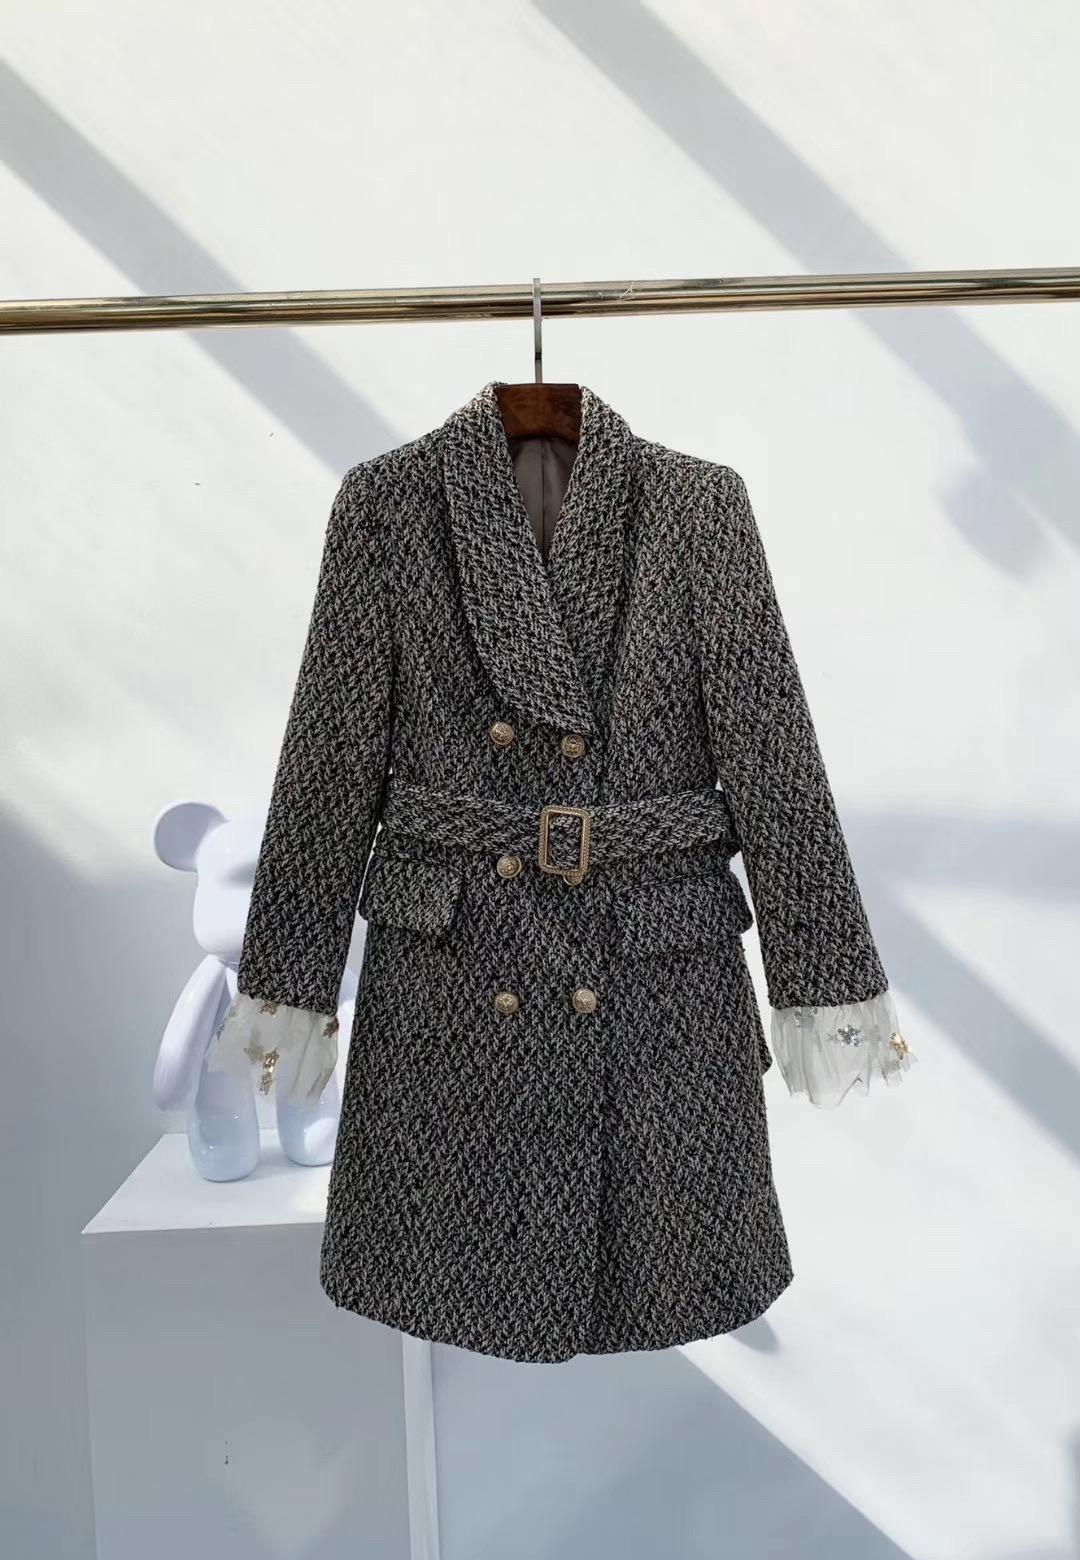 Конструктор женщин Plaid Blazer длинный толстый марлевые рукава 2019 осень зима Новый Марка куртка для Леди Мода Плед Женщины Luxury одежда S - L